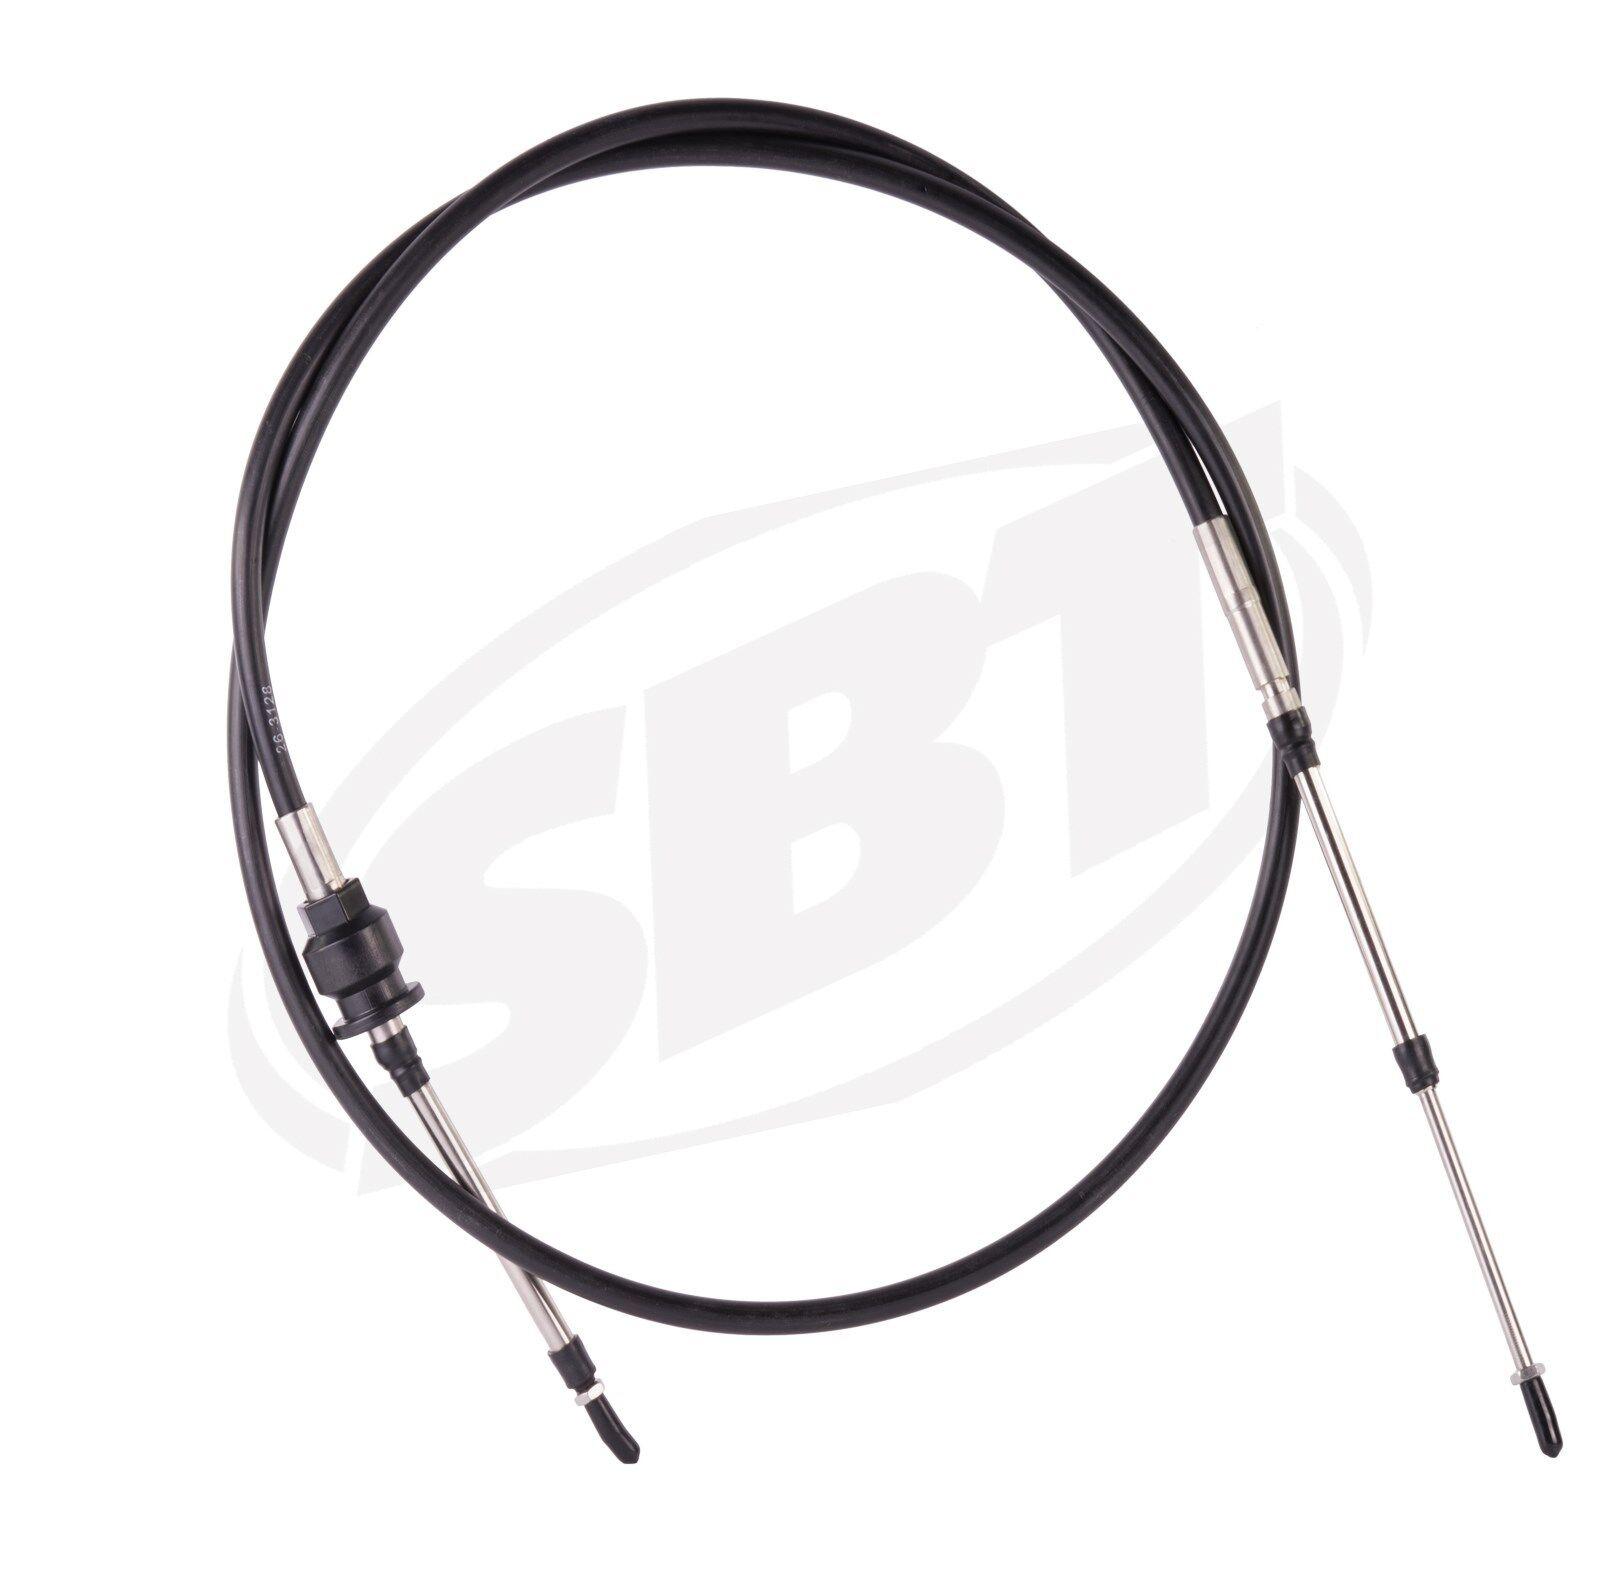 277000843 277001580 Steering Cable Seadoo 99-11 GTX GTI 277001580